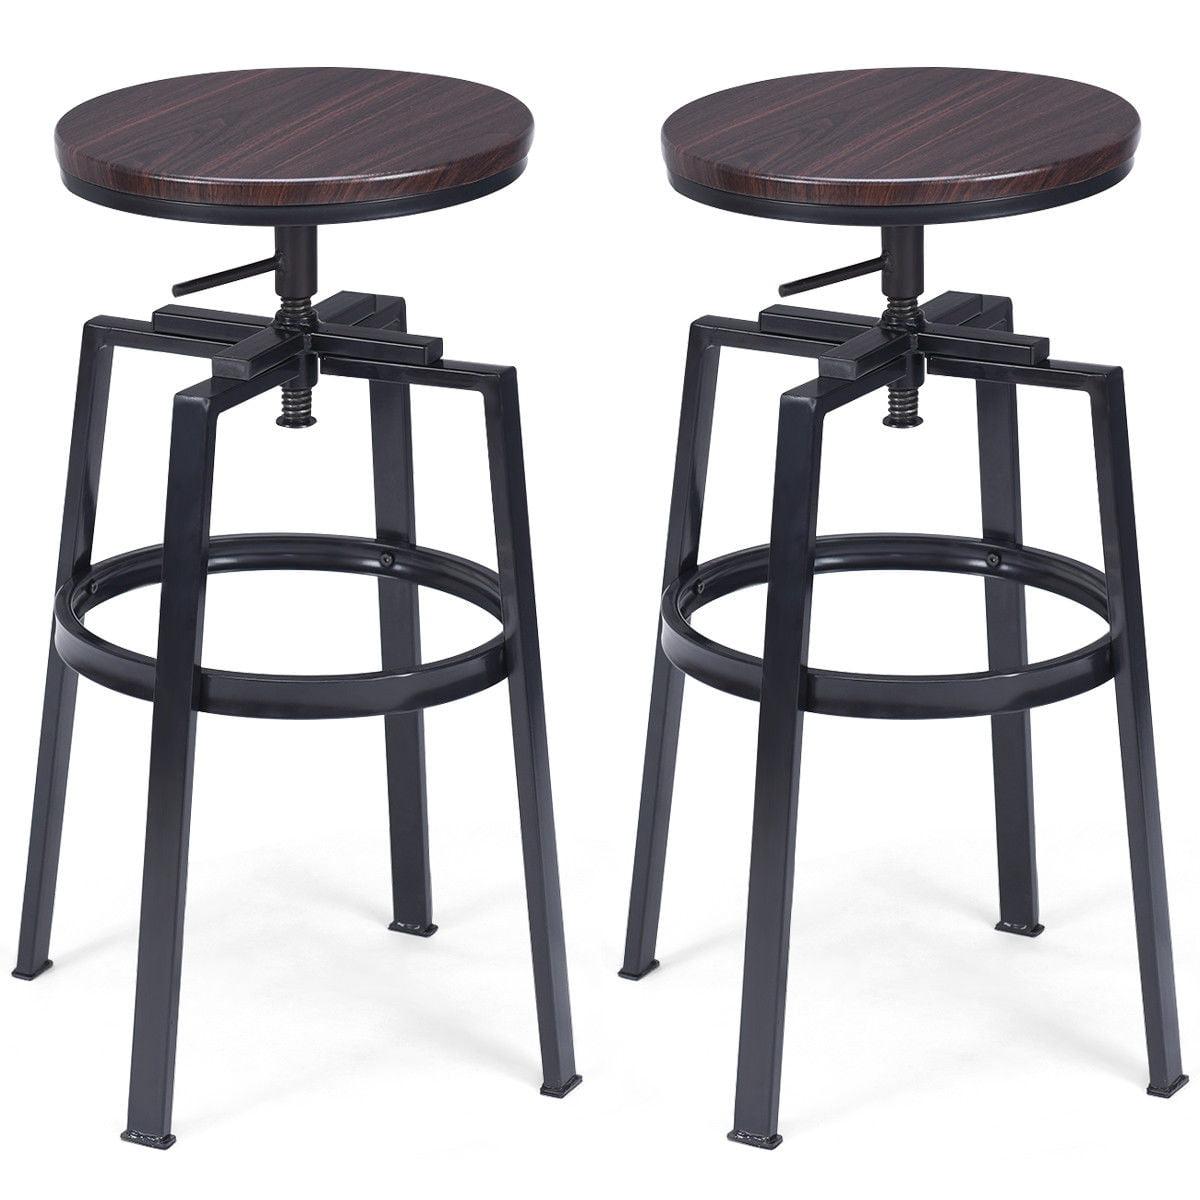 Costway Set of 2 Vintage Bar Stool Adjustable Wood Metal Design Pub Chairs Industrial by Costway